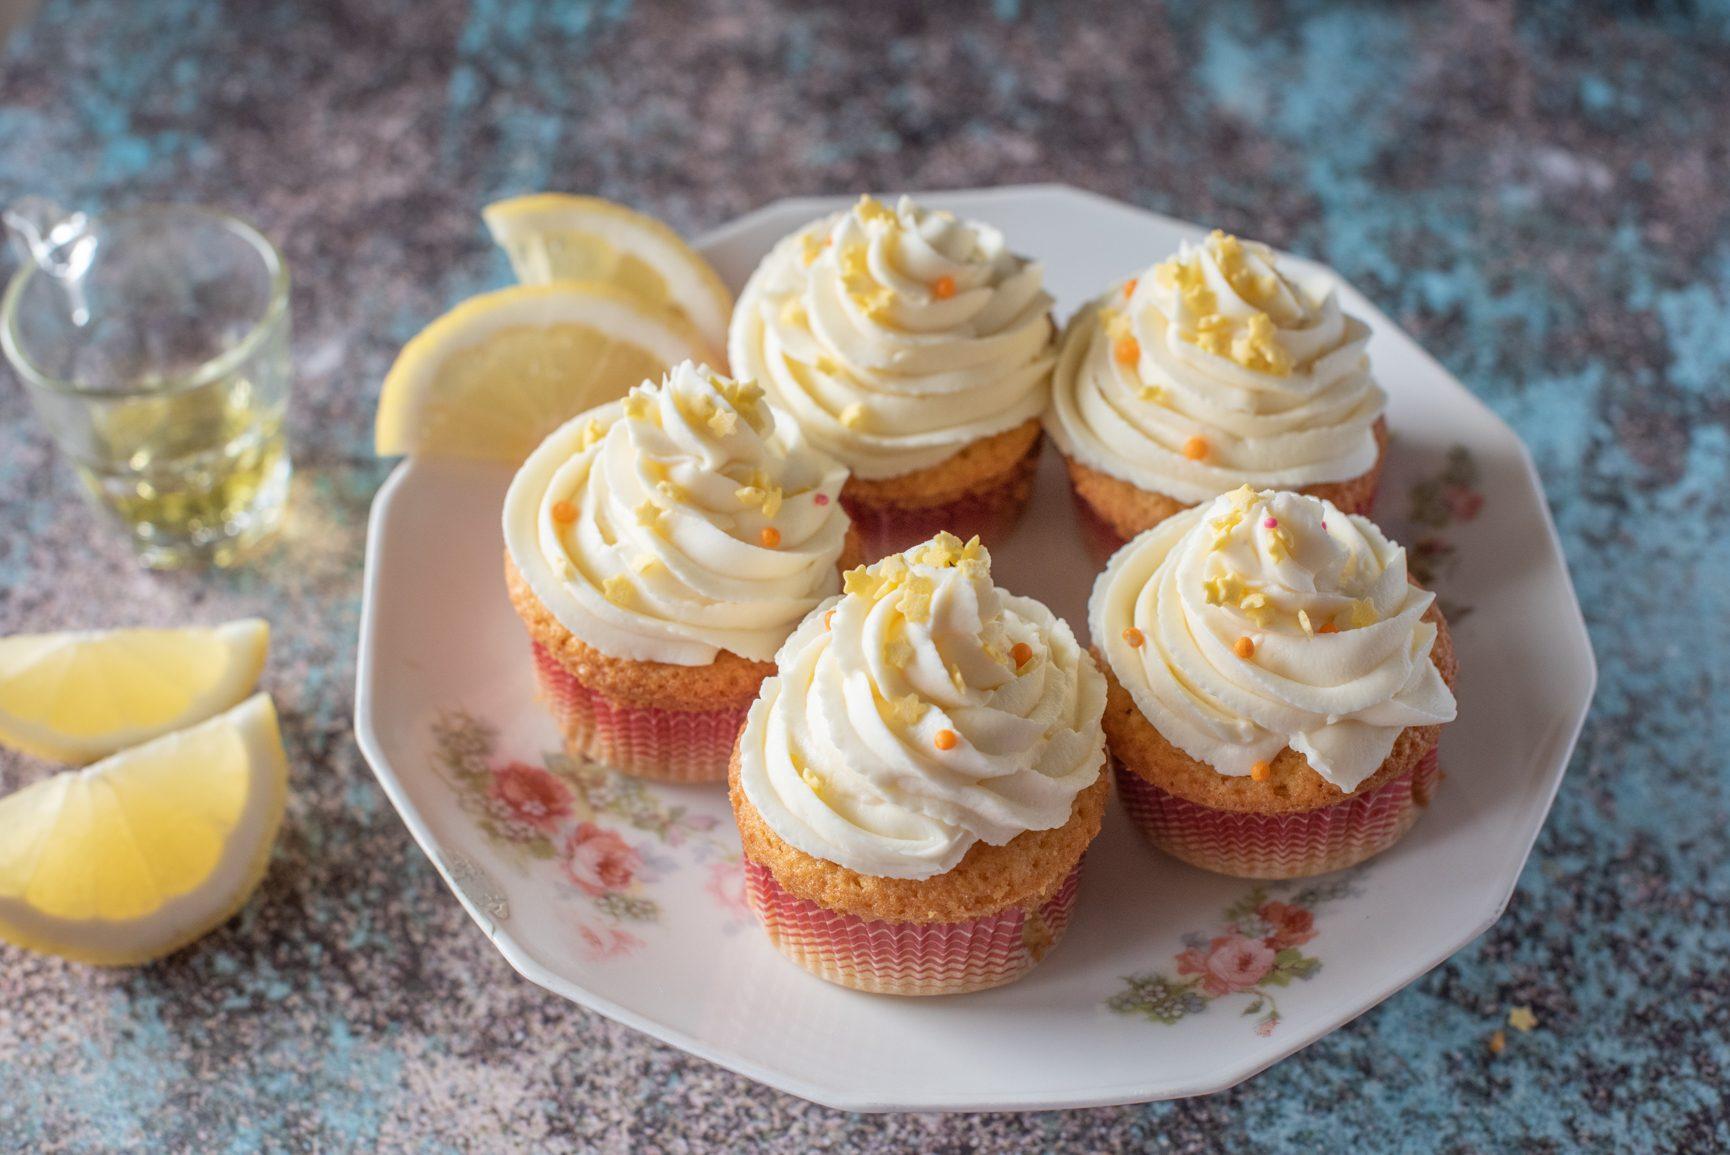 Cupcakes al limoncello: la ricetta dei dolcetti golosi e freschissimi